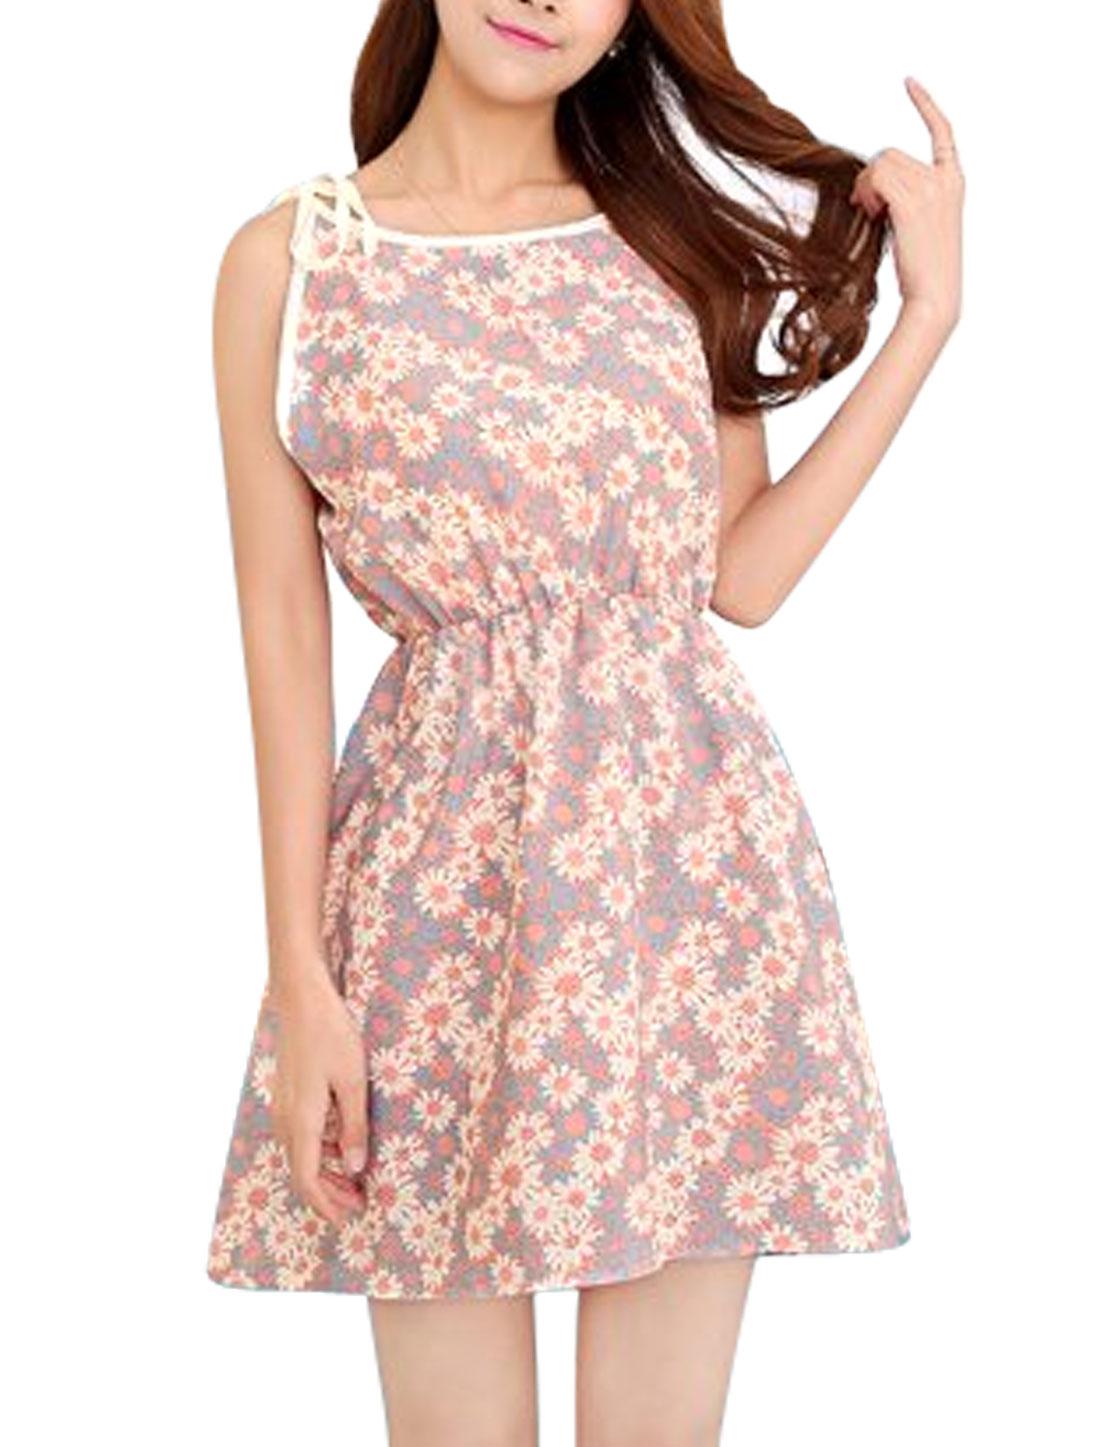 Ladies Round Neck Self Tie Straps Flower Prints Sun Dress Pink XS